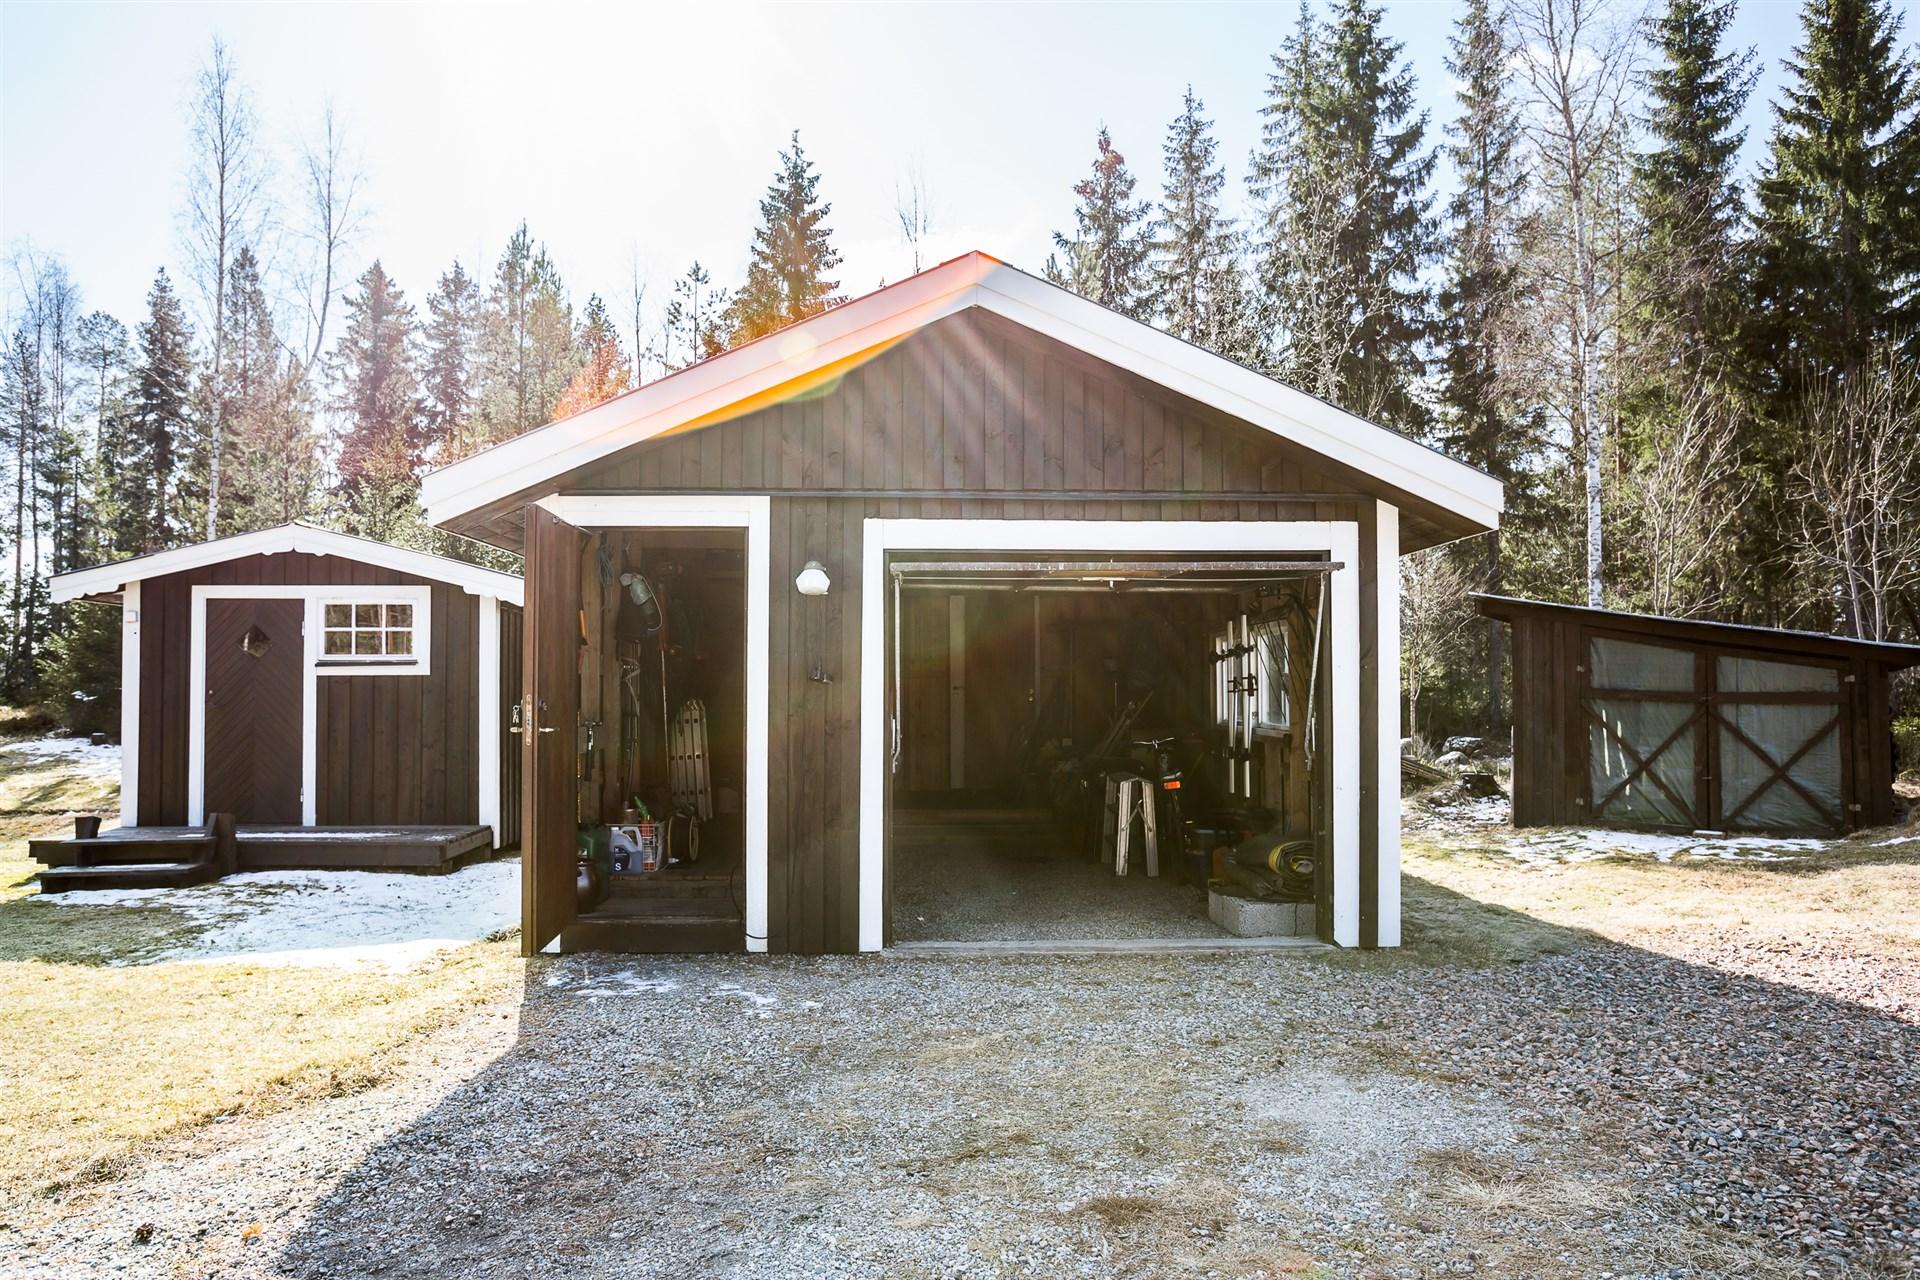 Från vänster - Friggebod, garage samt förrådsskjul.